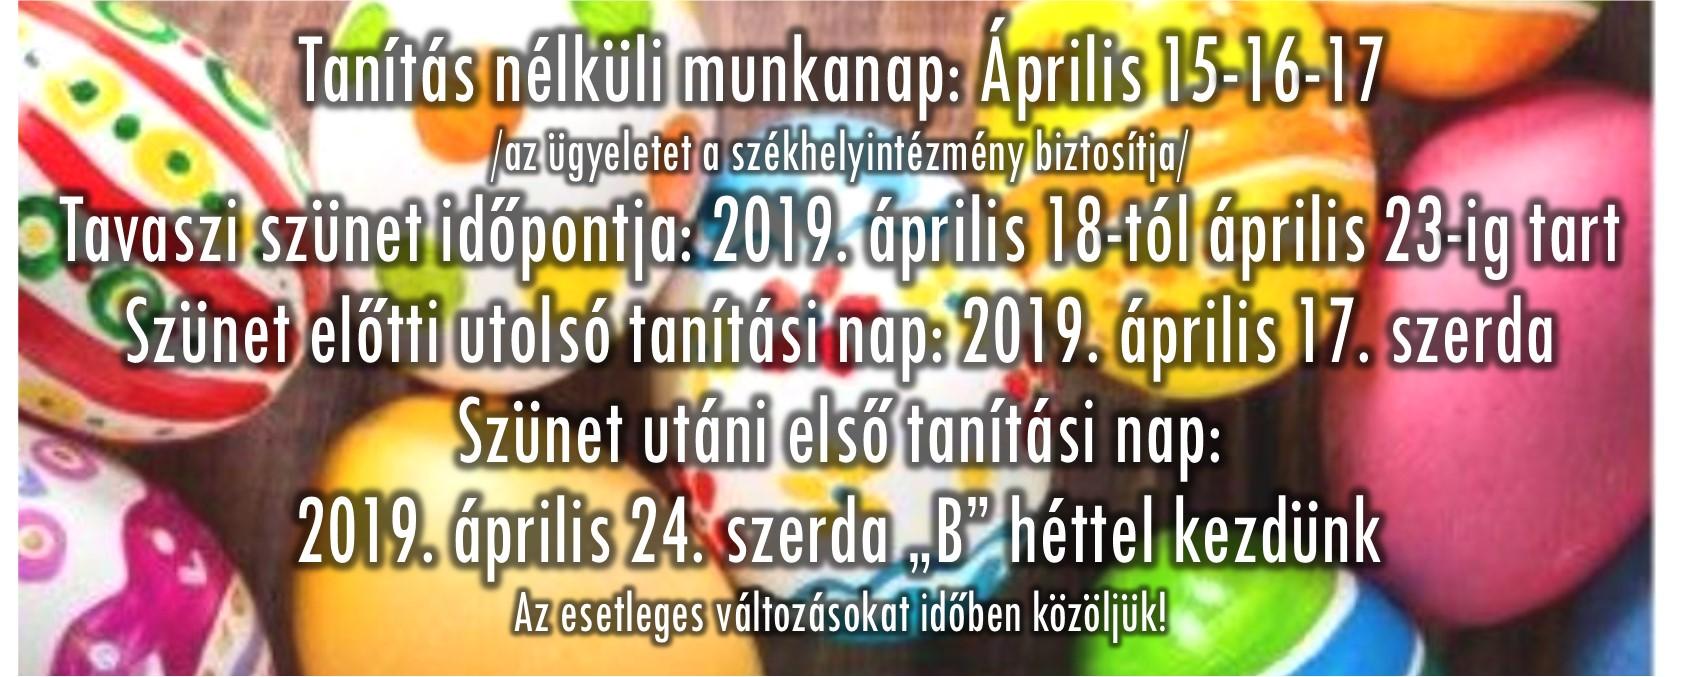 2019 tavaszi szunet